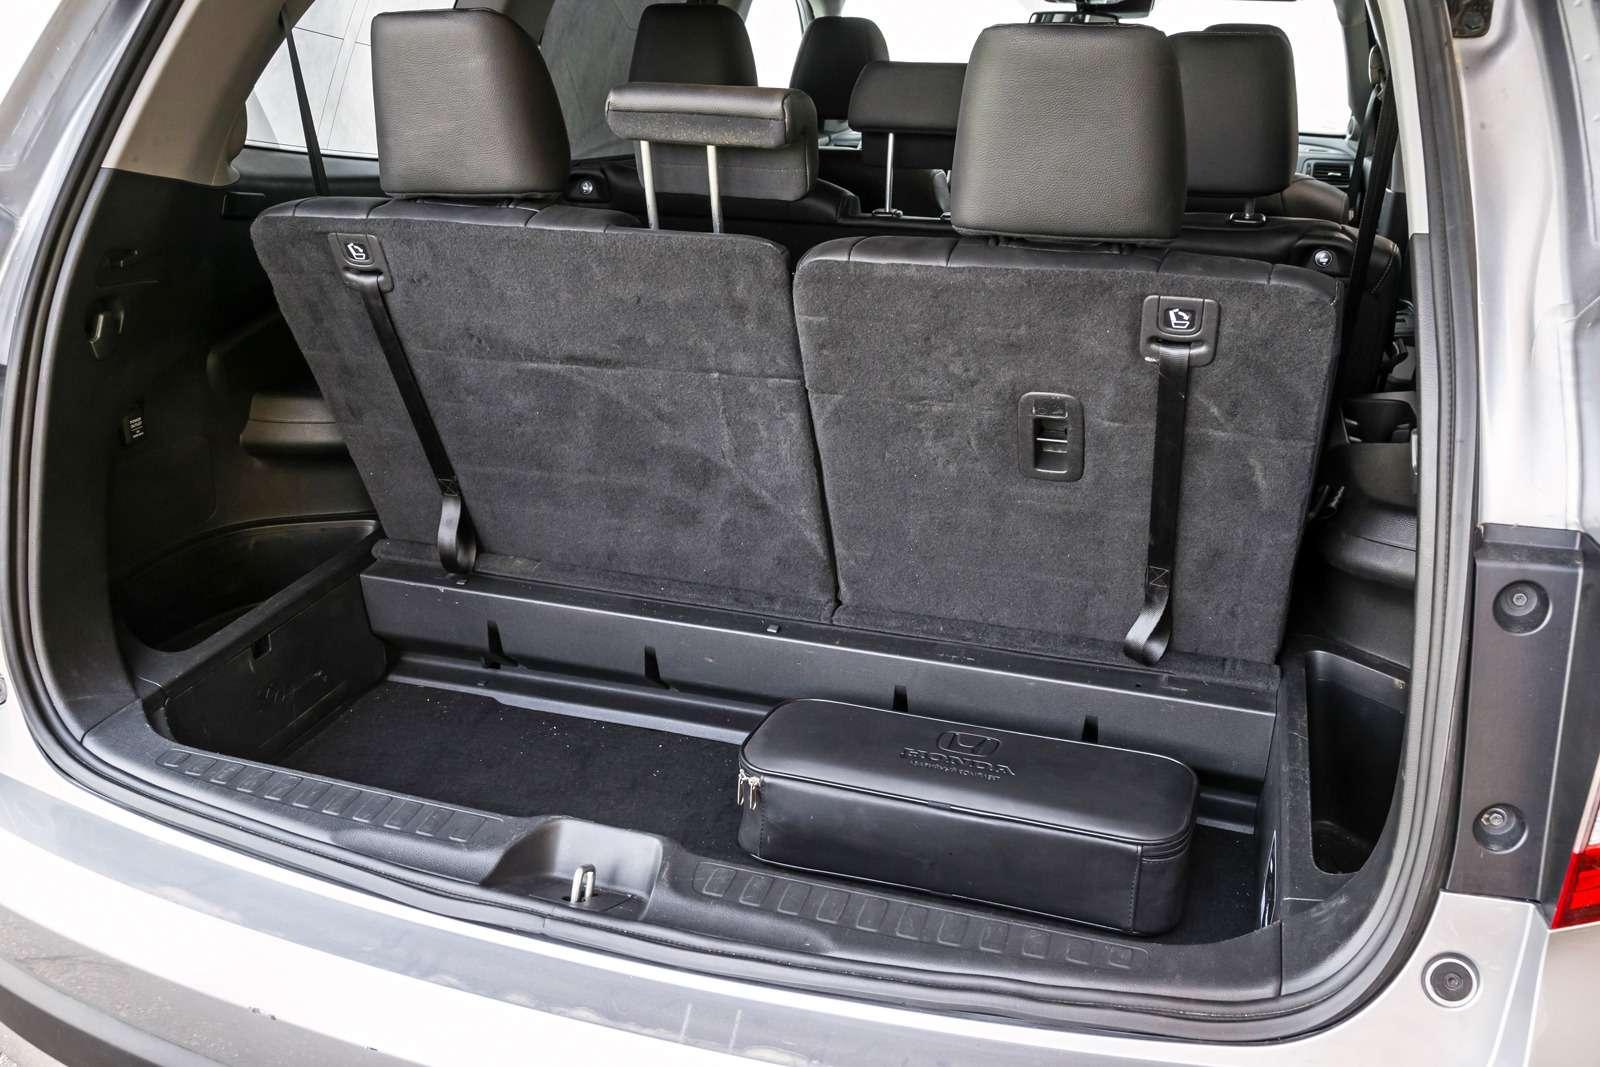 Тест полноразмерных кроссоверов: Honda Pilot, Kia Sorento Prime иFord Explorer— фото 614982